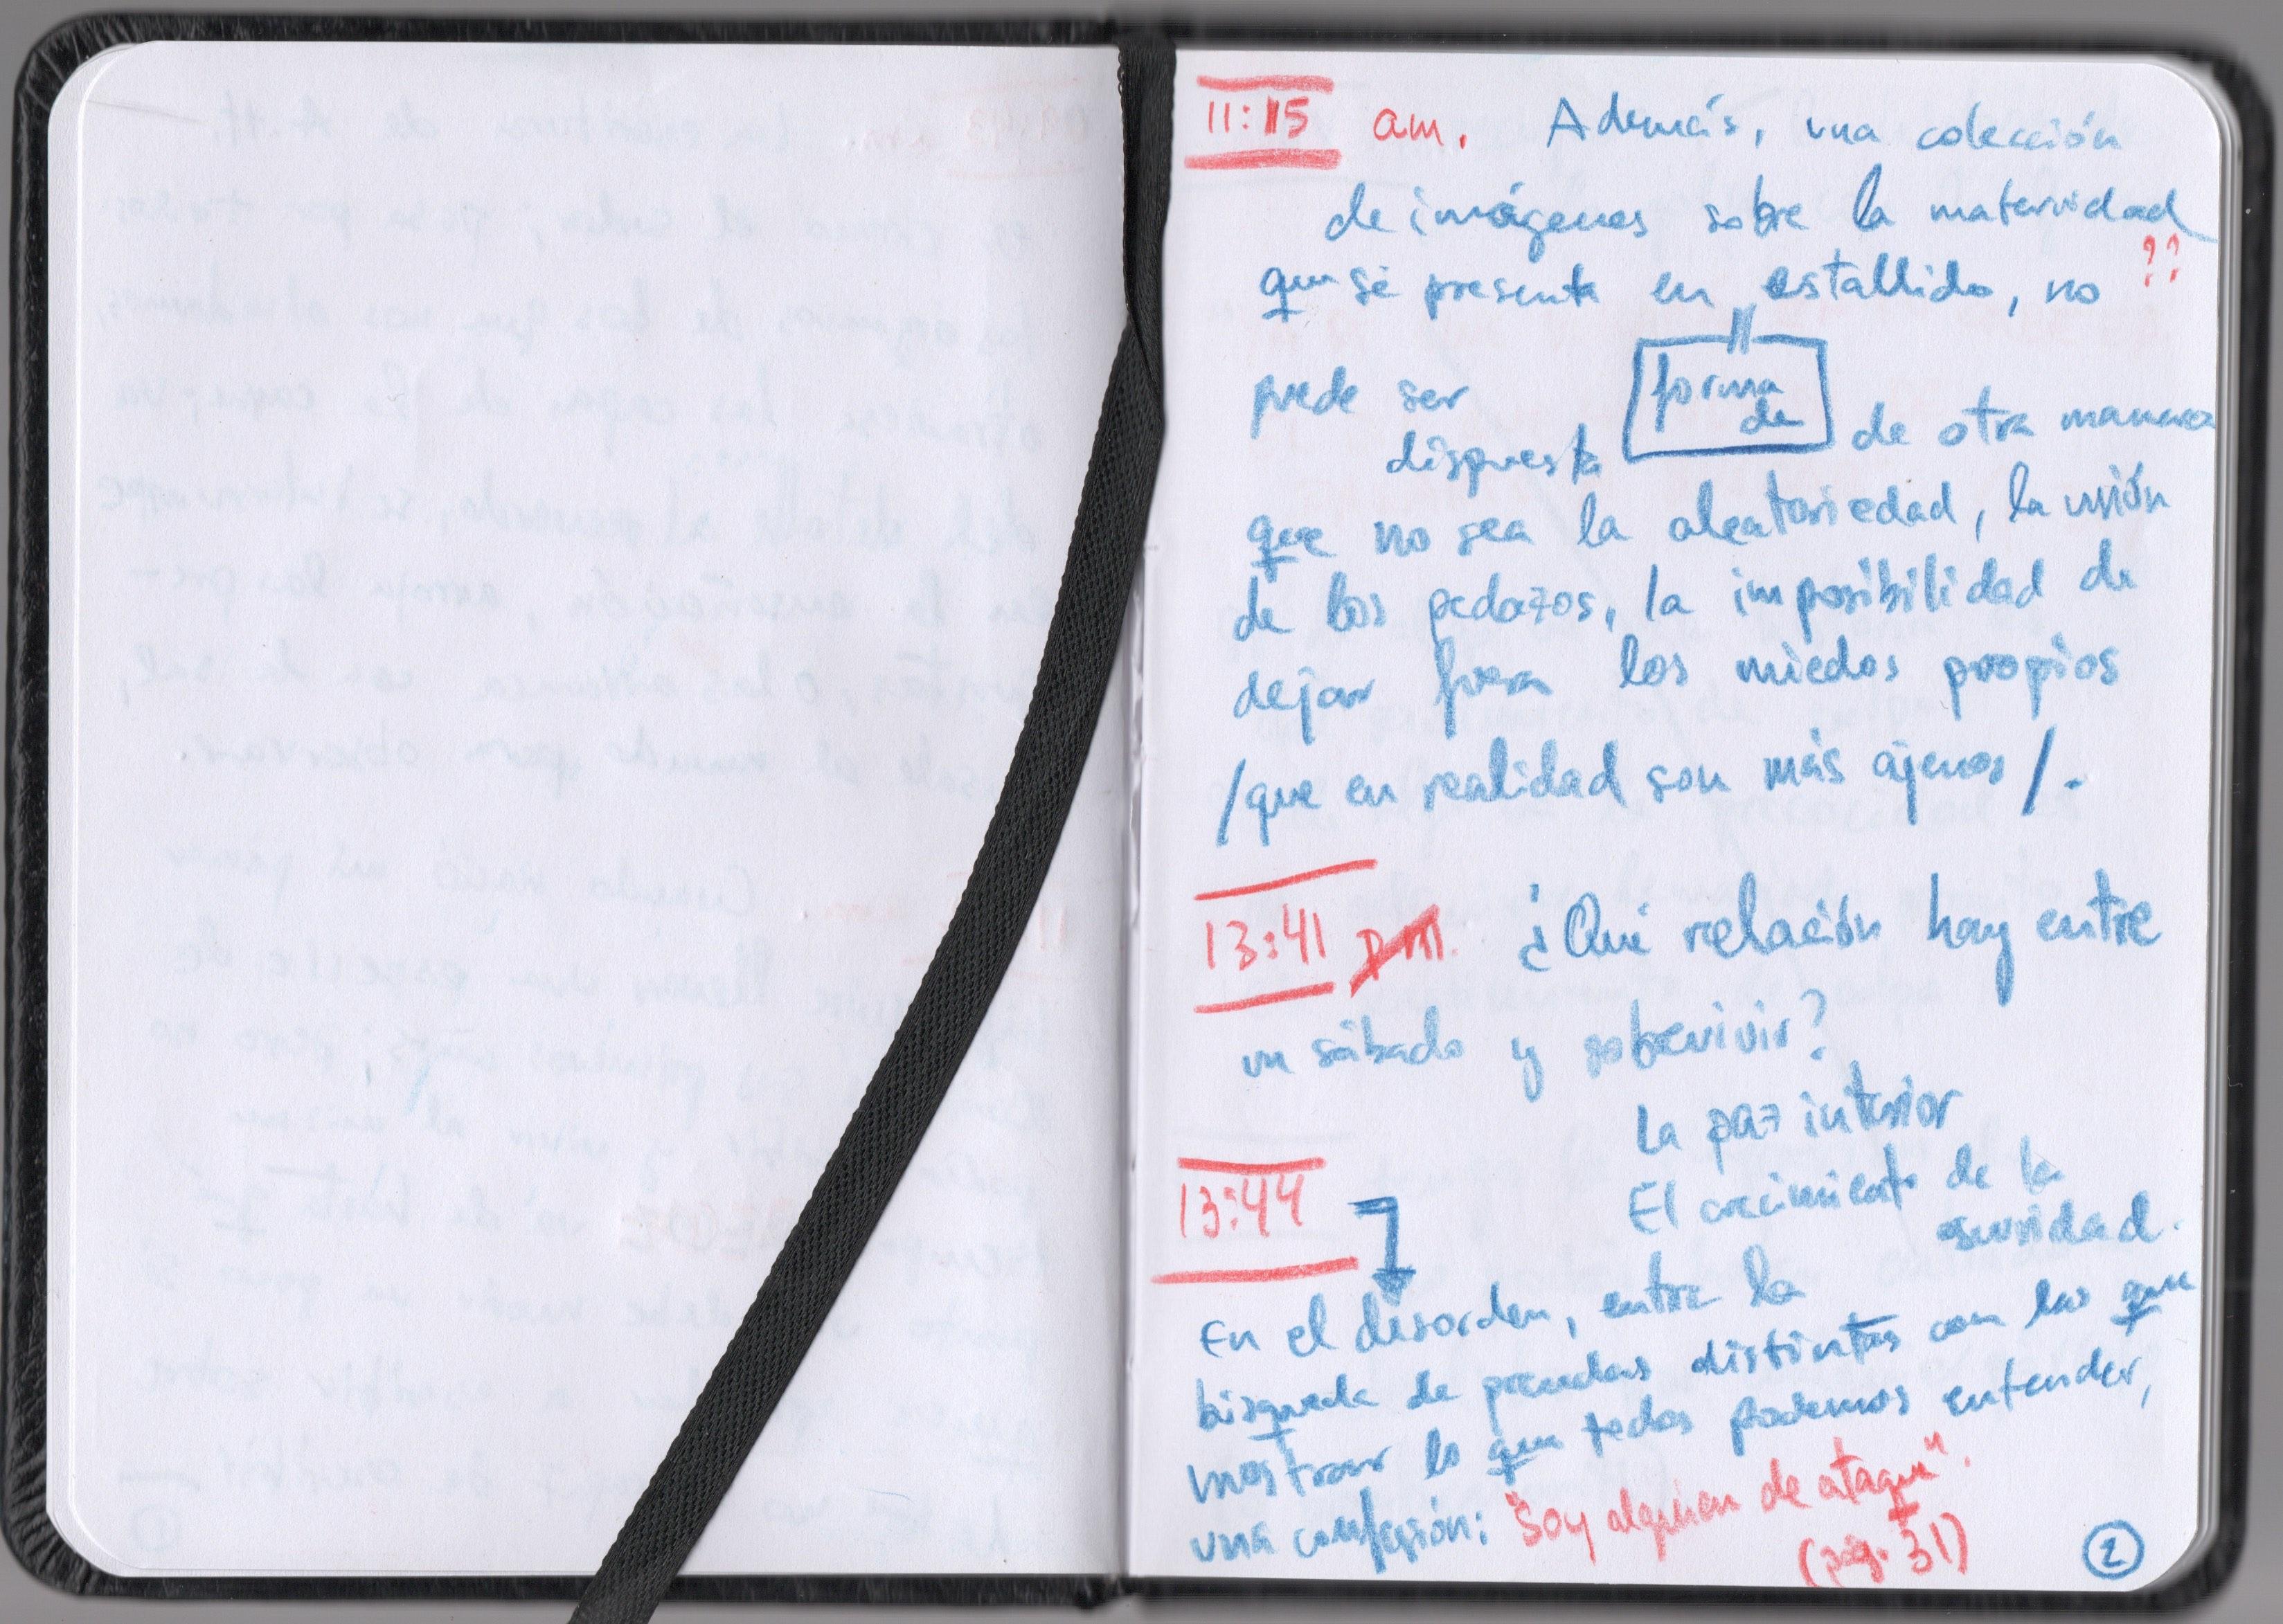 Reseña Precoz 3 - Viaje a Ítaca